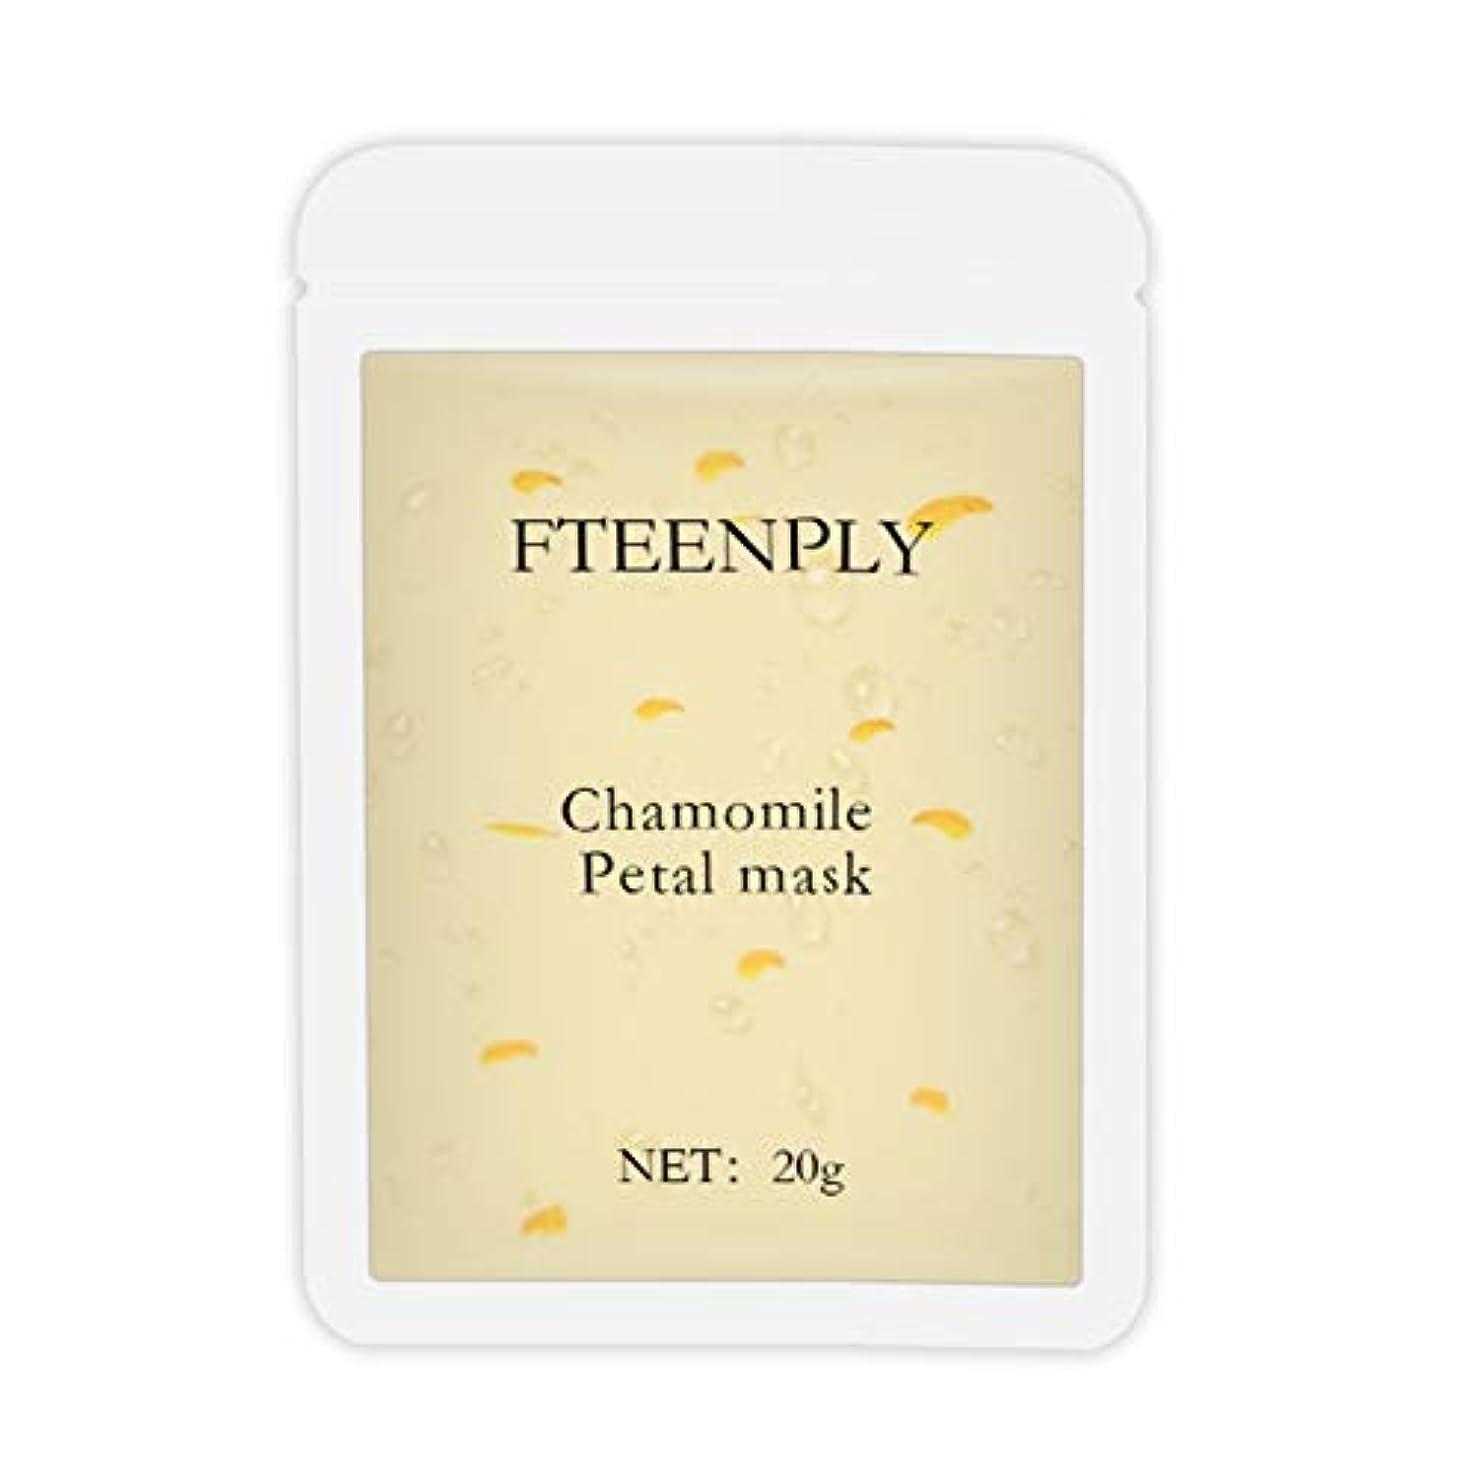 ウィスキーセールスマンフラフープカモミール セラム スリーピングマスク フェイシャル スキンケア セラム モイスチャ 引き締め 毛穴隠す 穏やか 乾燥&エイジング防止 美白 Cutelove